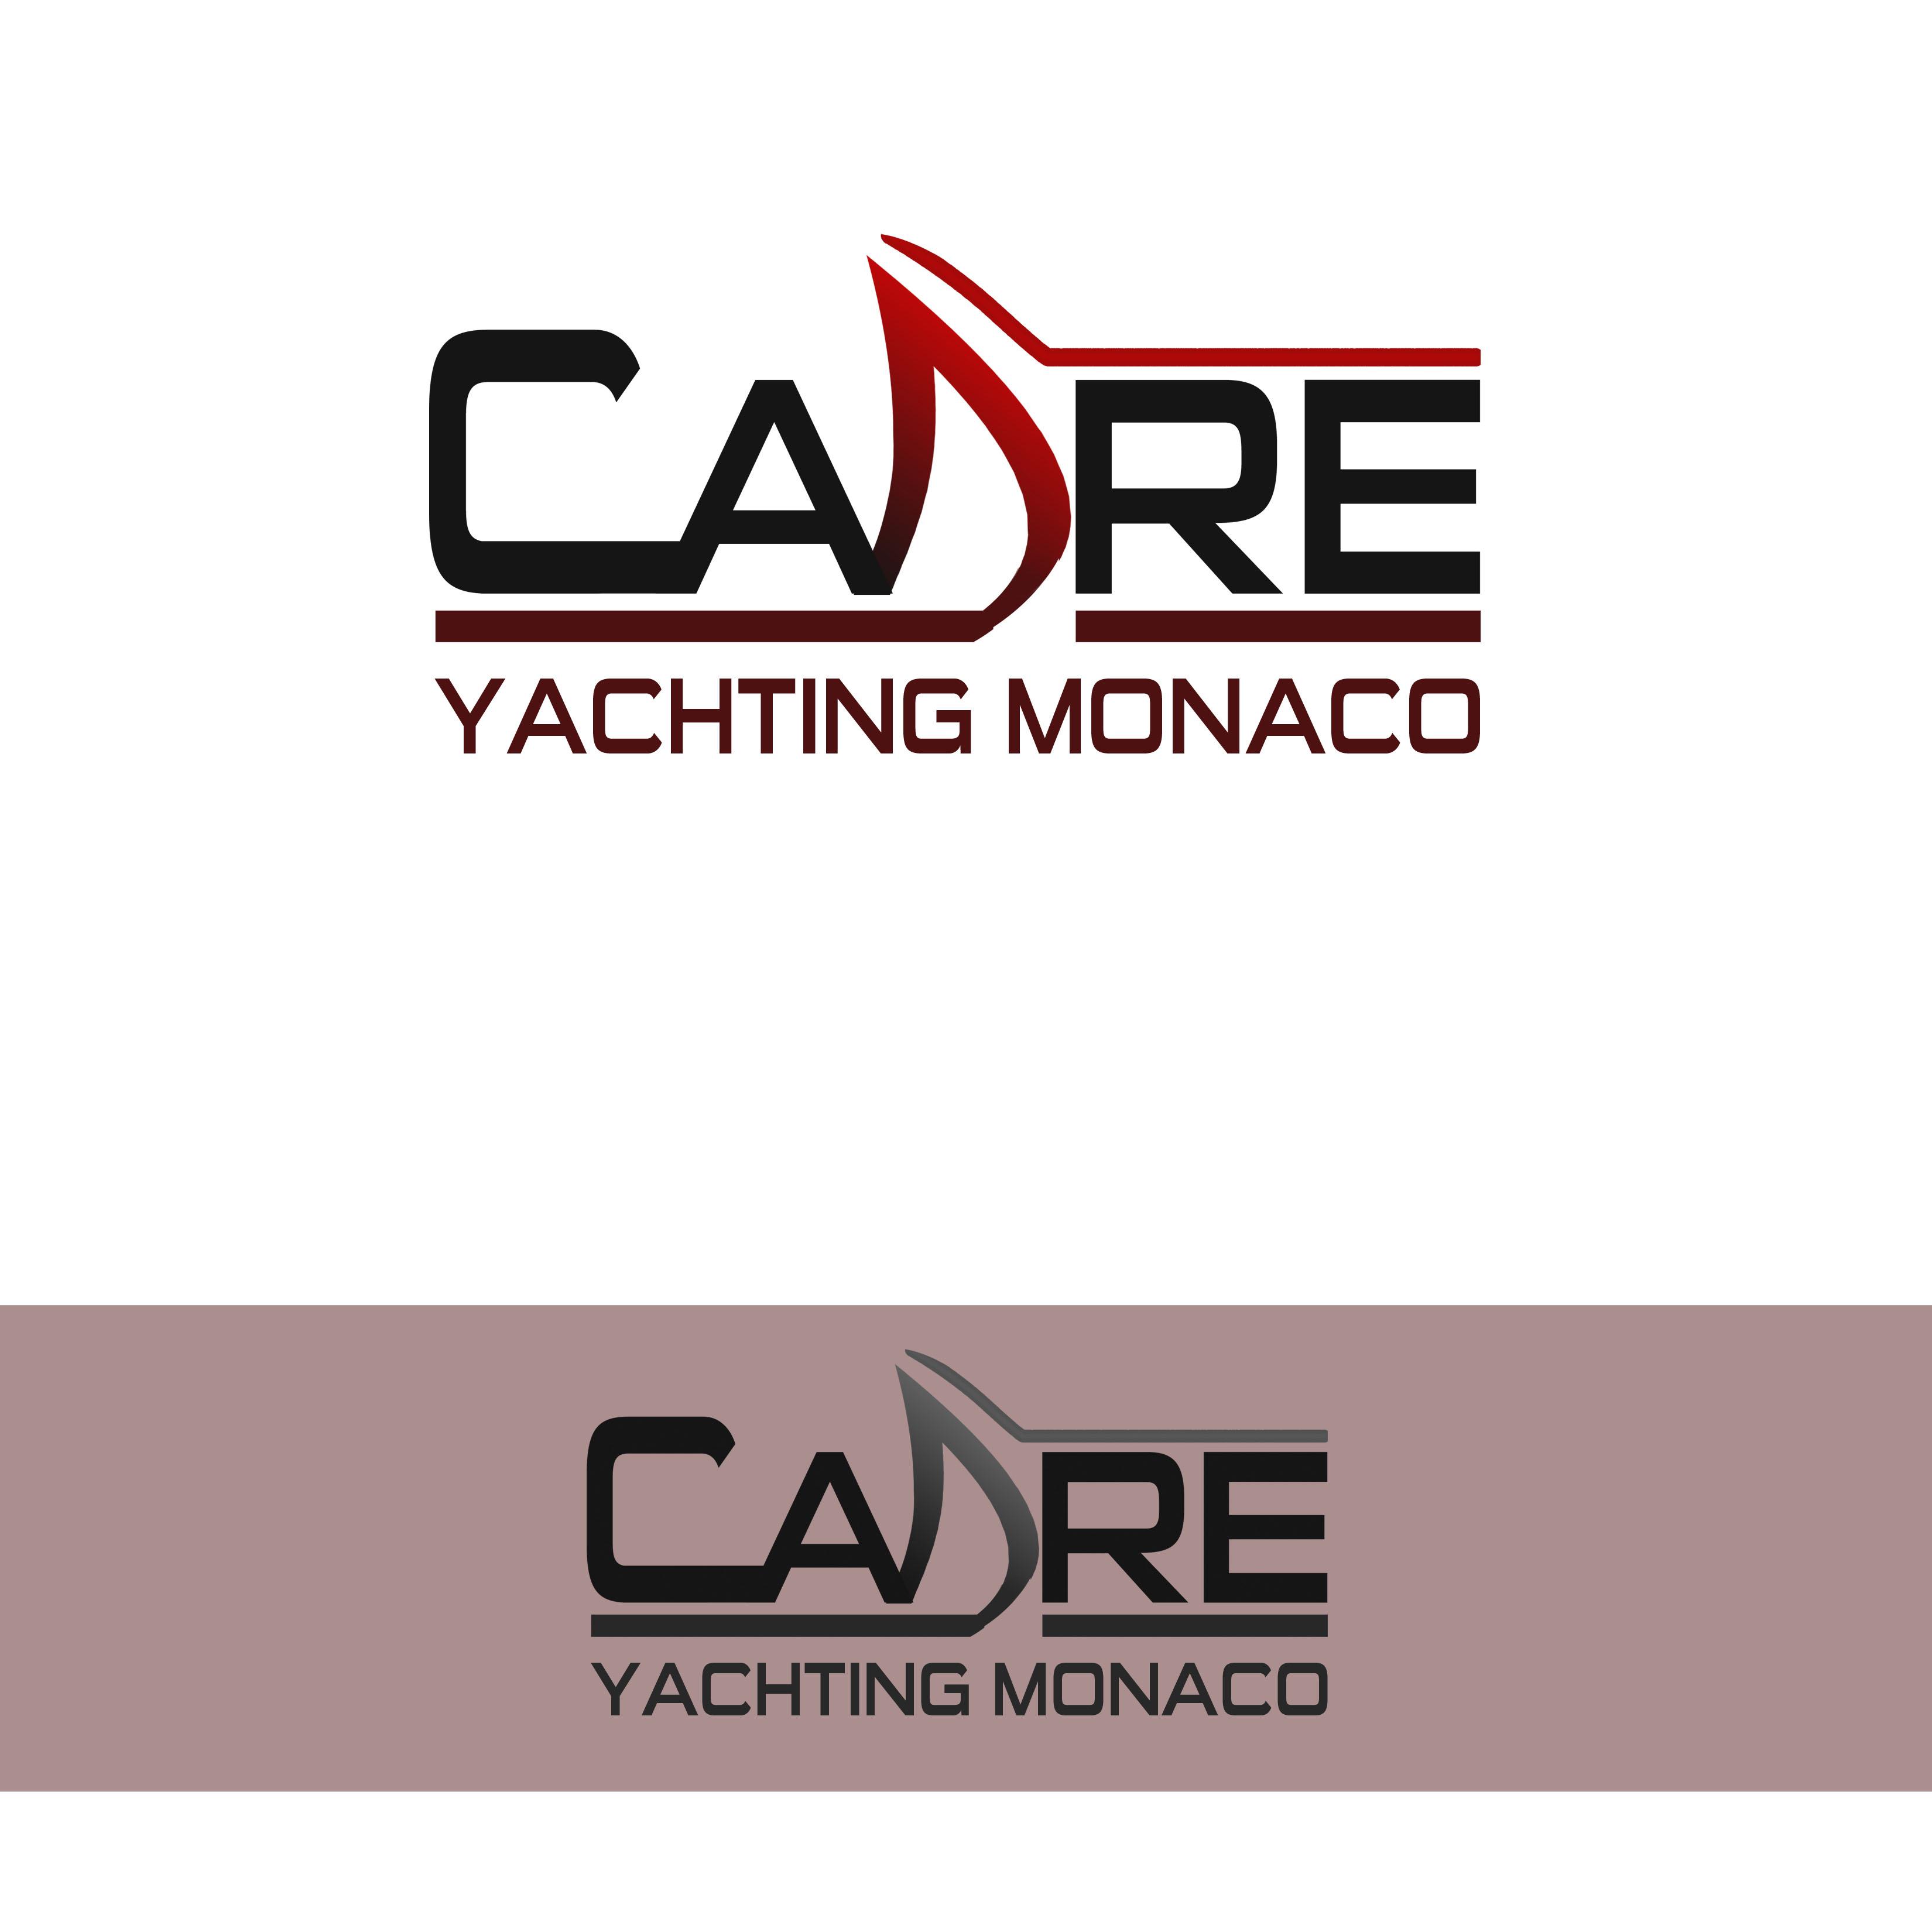 Logo Design by Alan Esclamado - Entry No. 81 in the Logo Design Contest New Logo Design for Cadre Yachting Monaco.